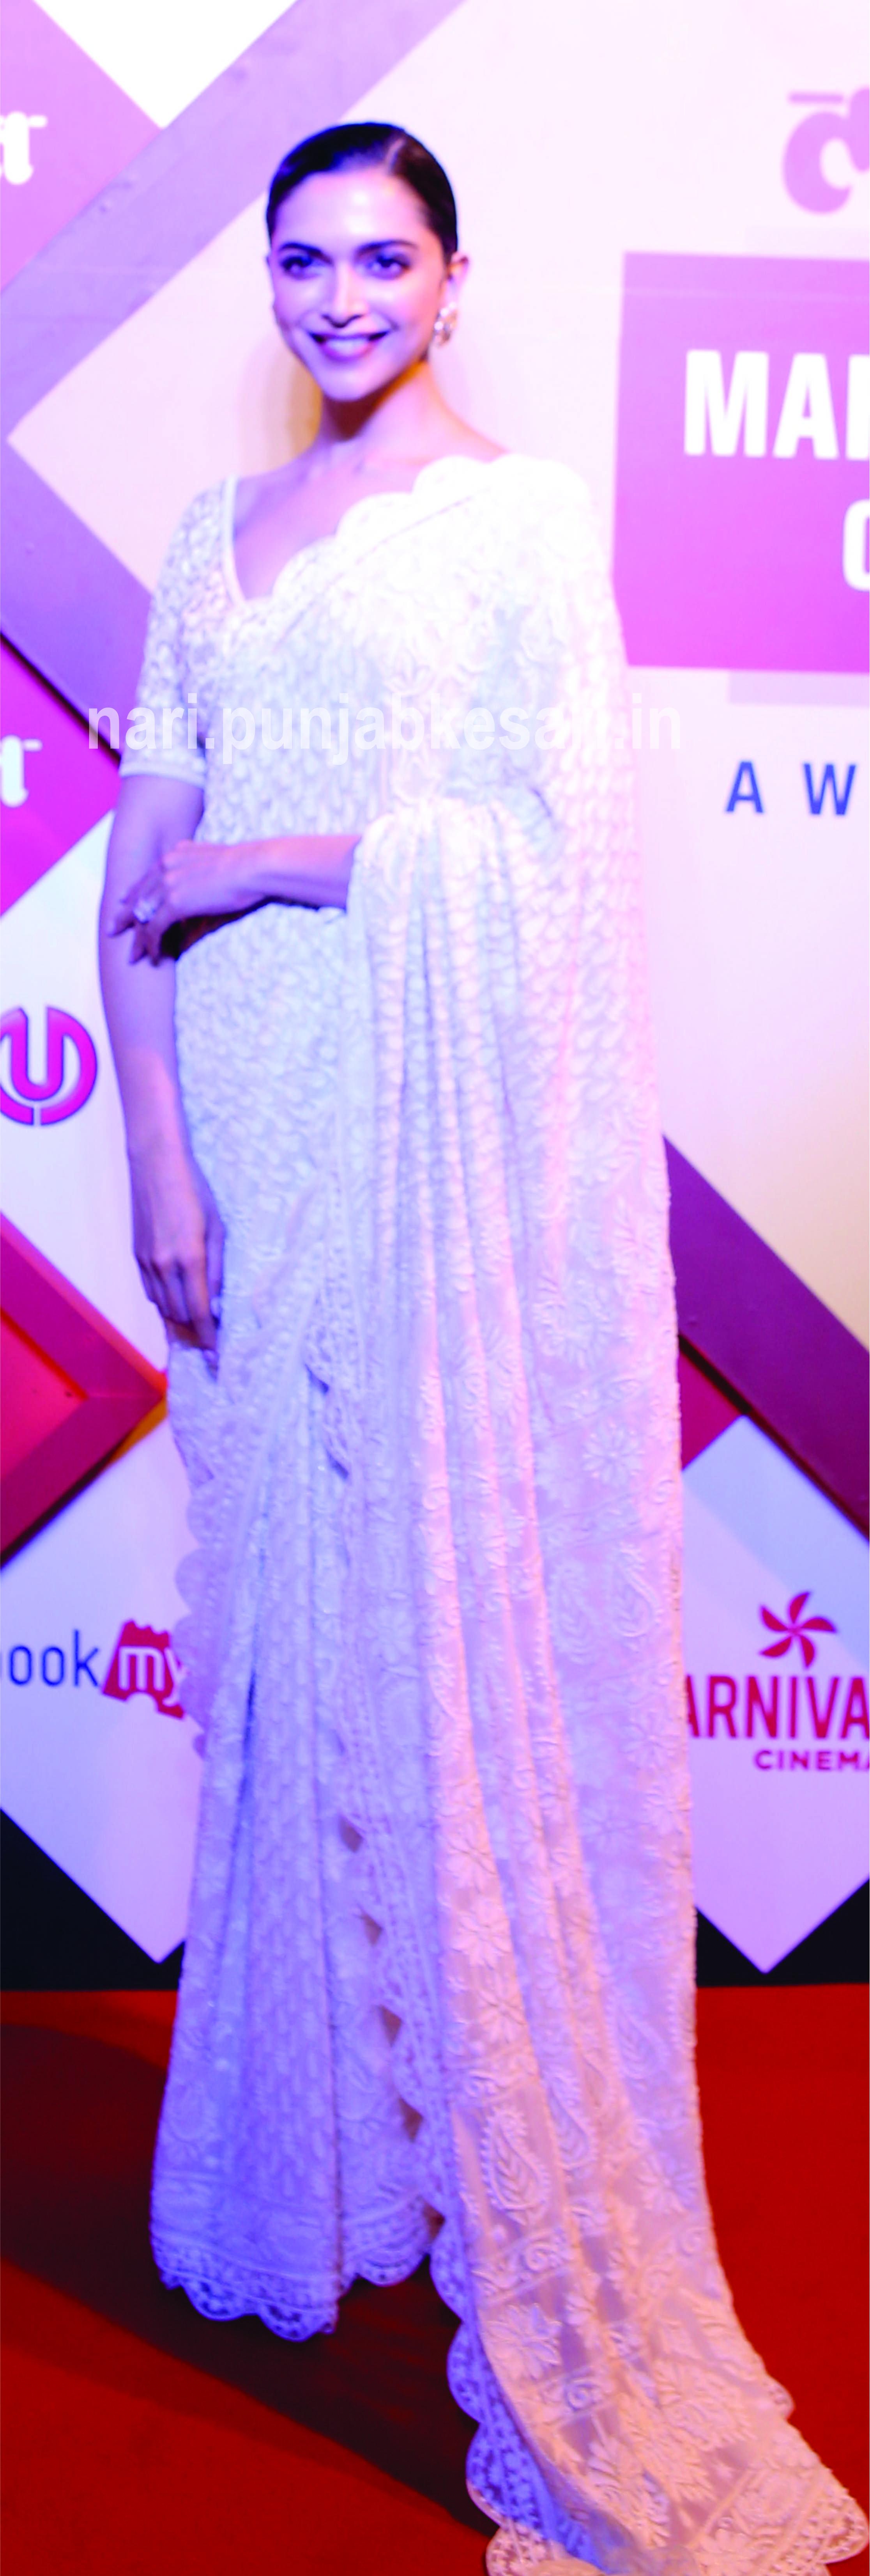 PunjabKesari, LMOTY 2019 Image, Maharashtrian of the Year Award Image